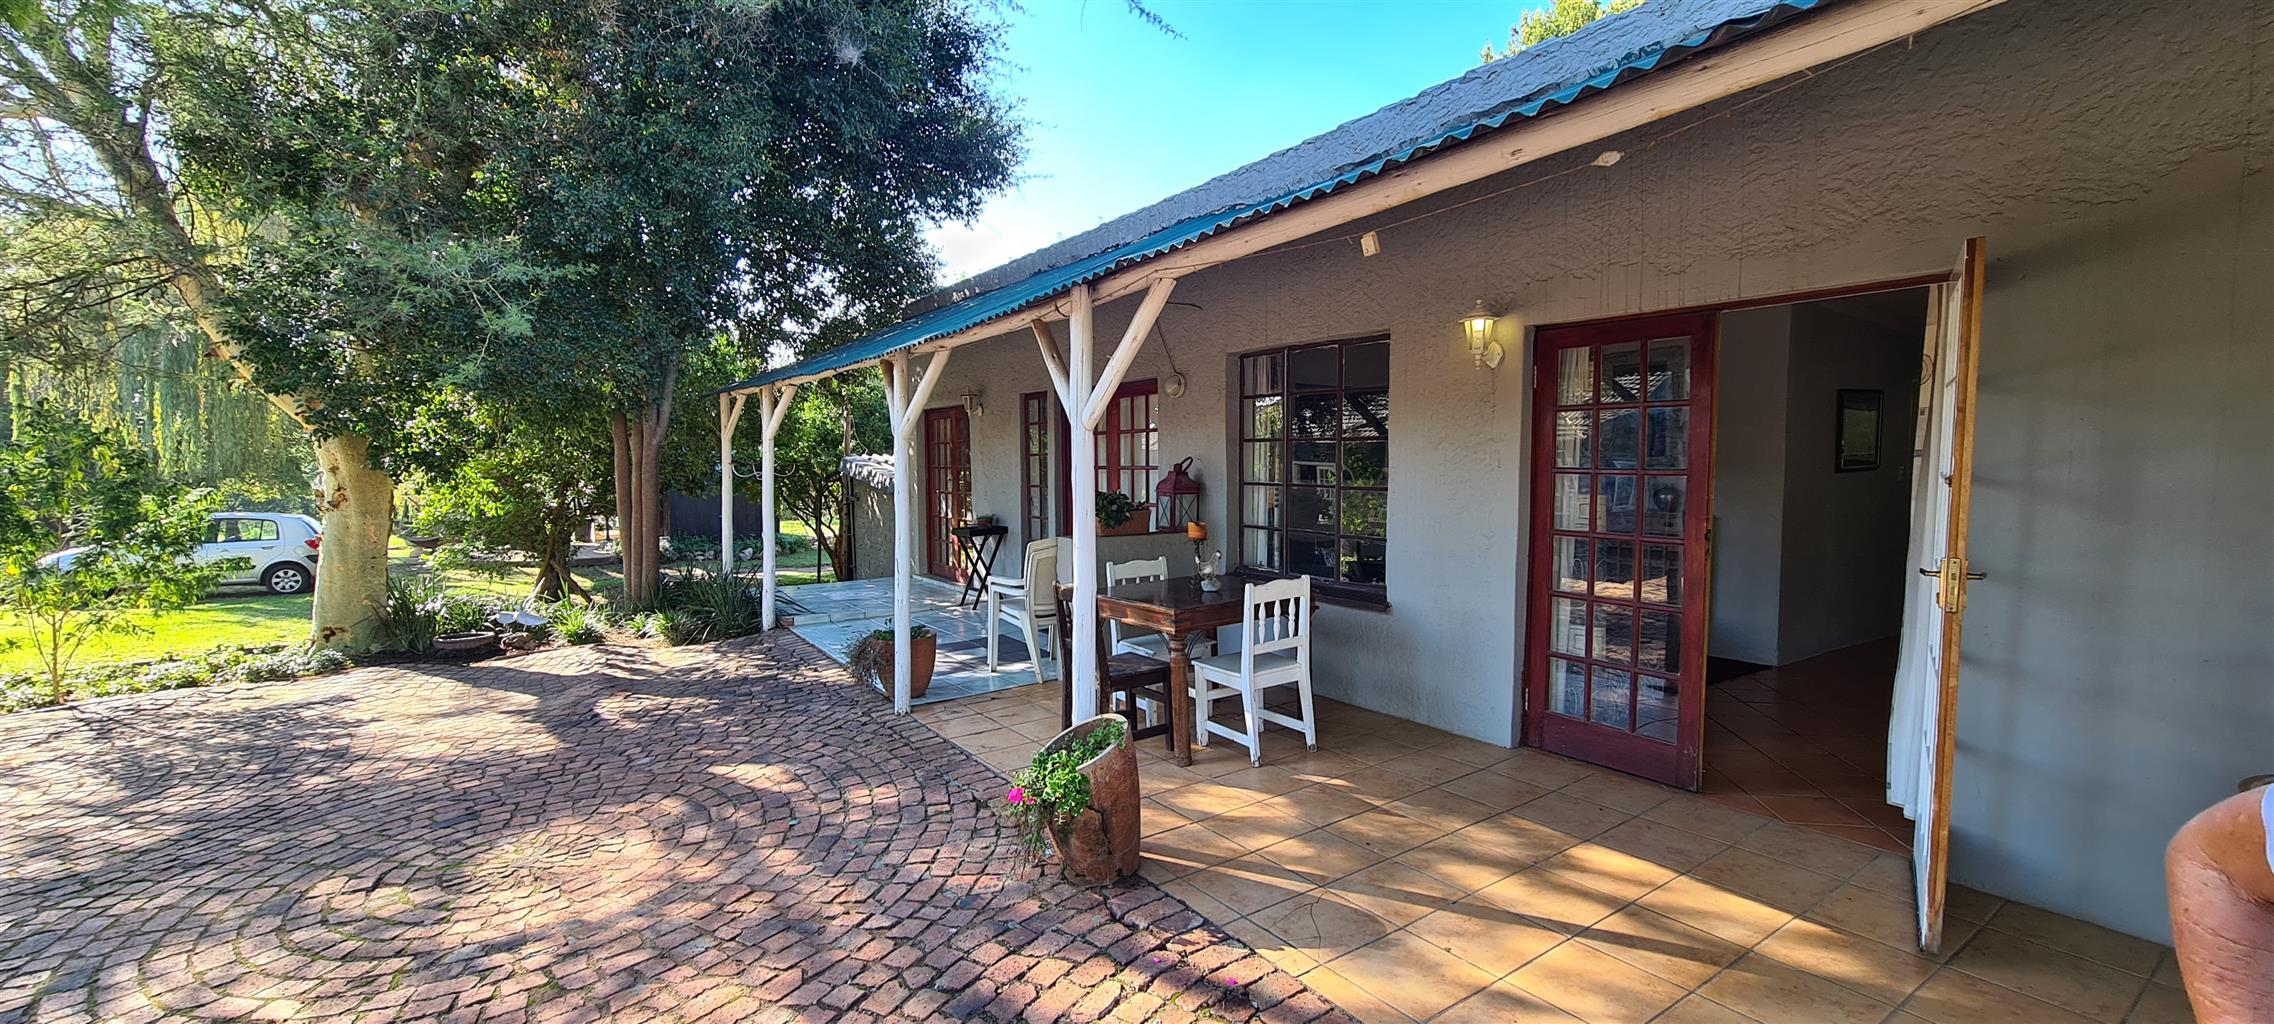 Garden cottage fully furnished